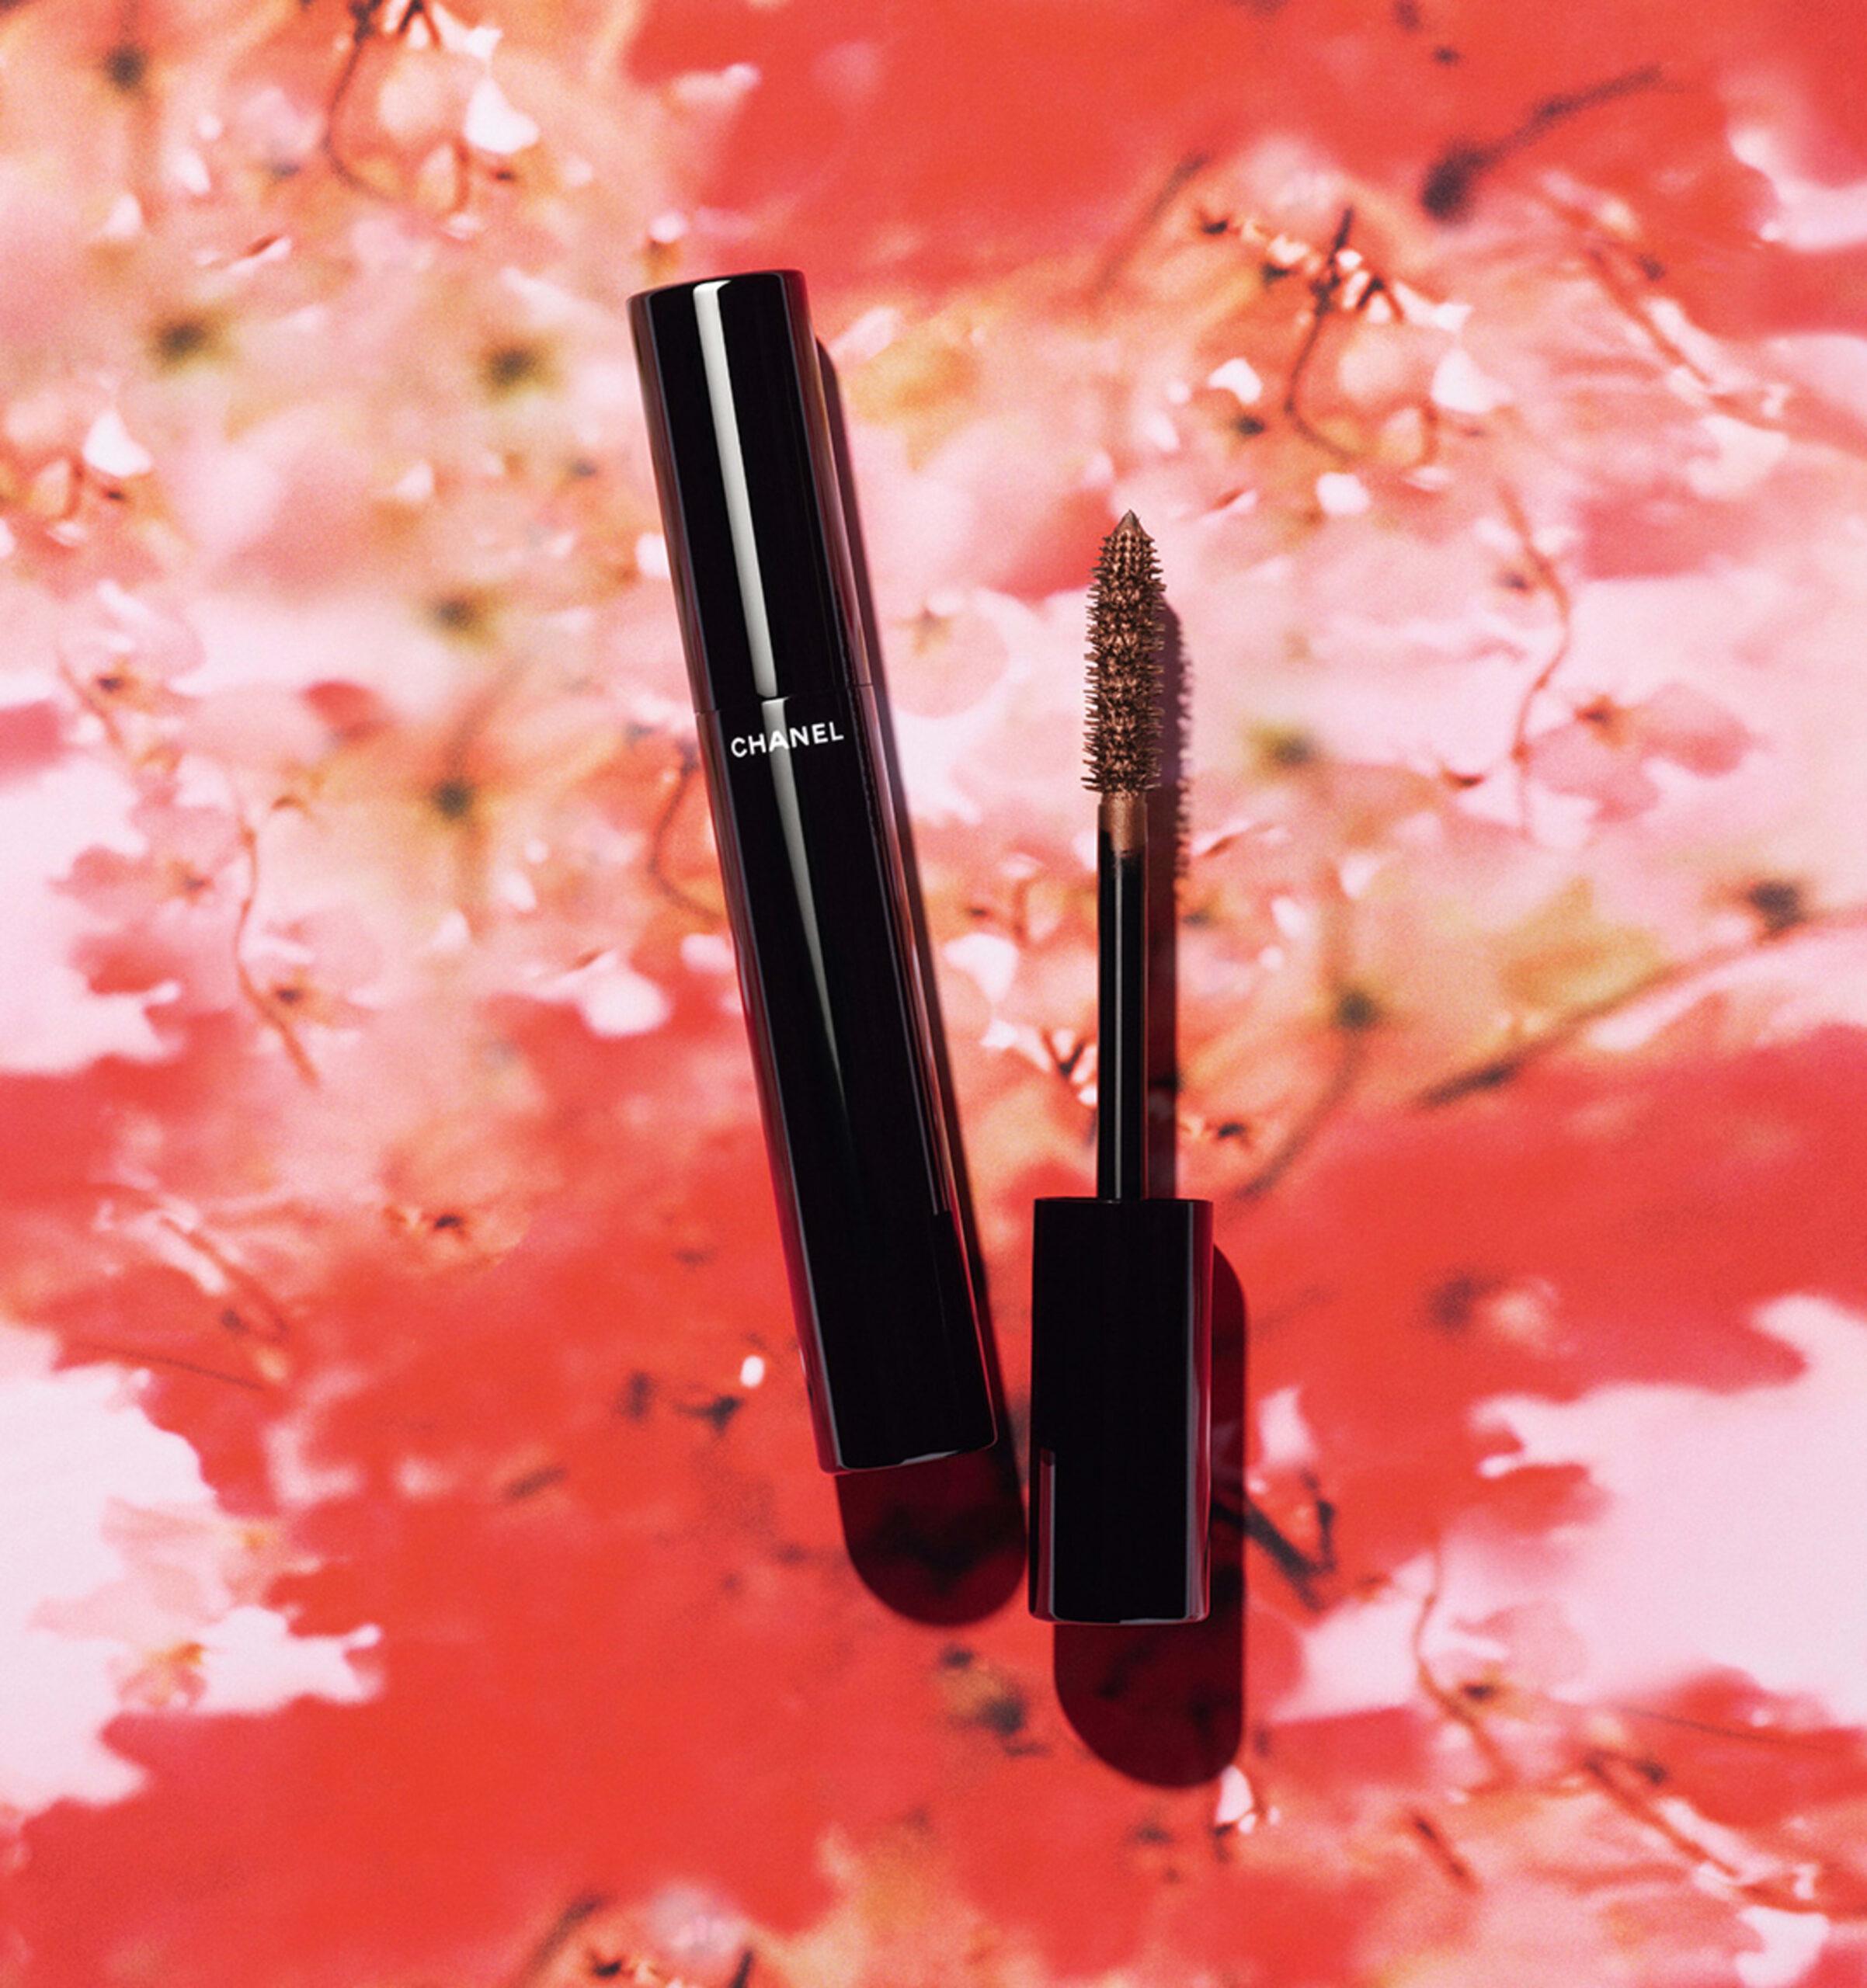 Chanel Fleurs de Printemps Metal Terracotta Mascara